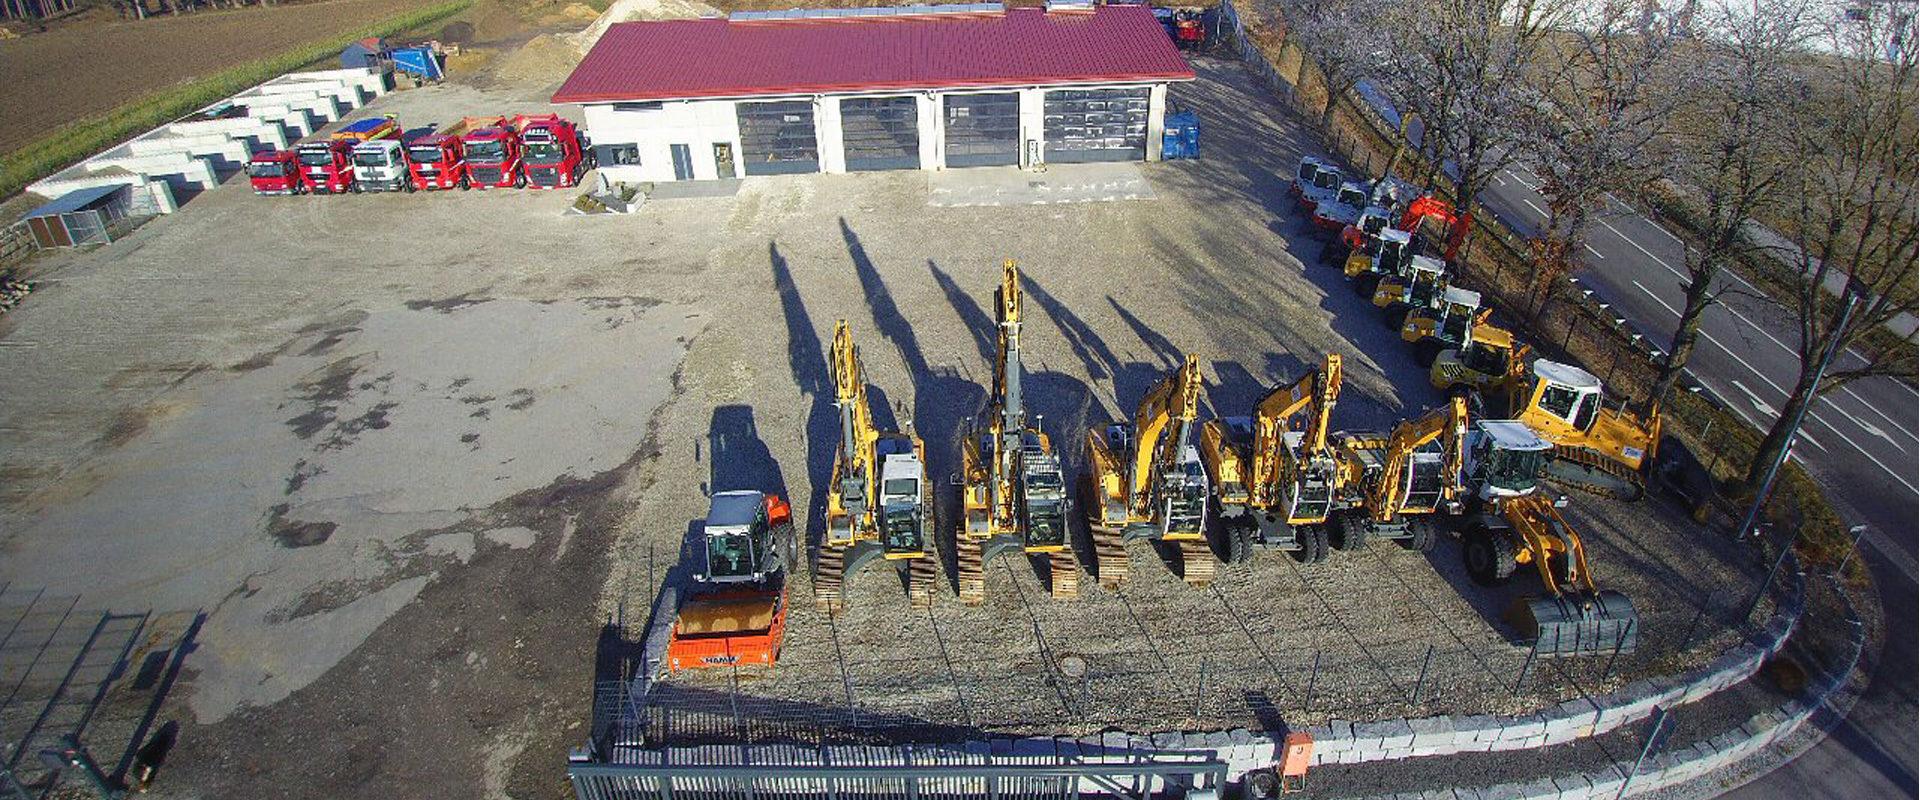 Das Firmengelände der Hilger Tiefbau GmbH von oben. Aufnahme im des Geländes im Winter.